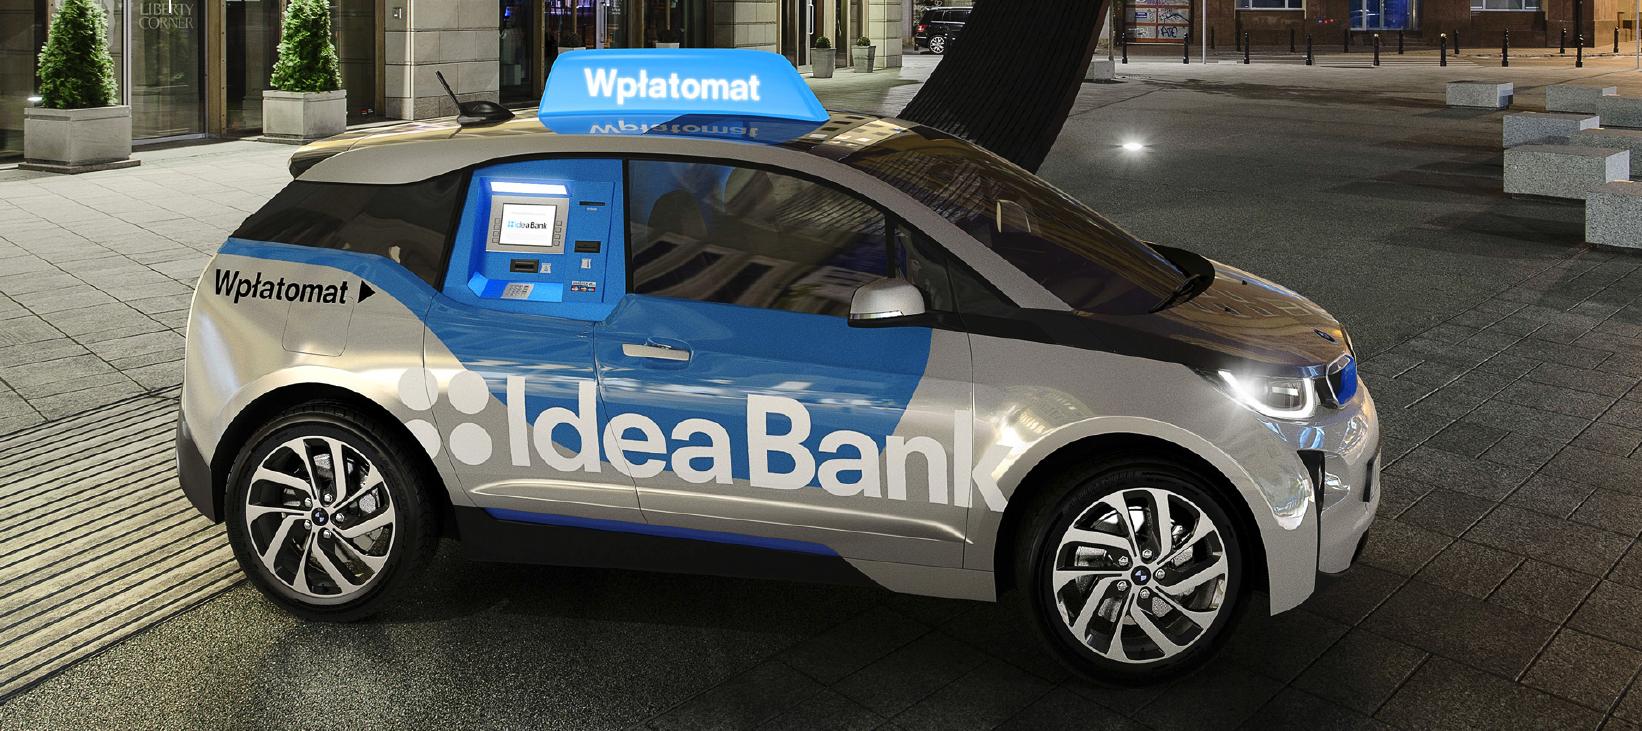 Prawdziwy mobilny bank przyjedzie do ciebie razem z bankomatem i wpłatomatem